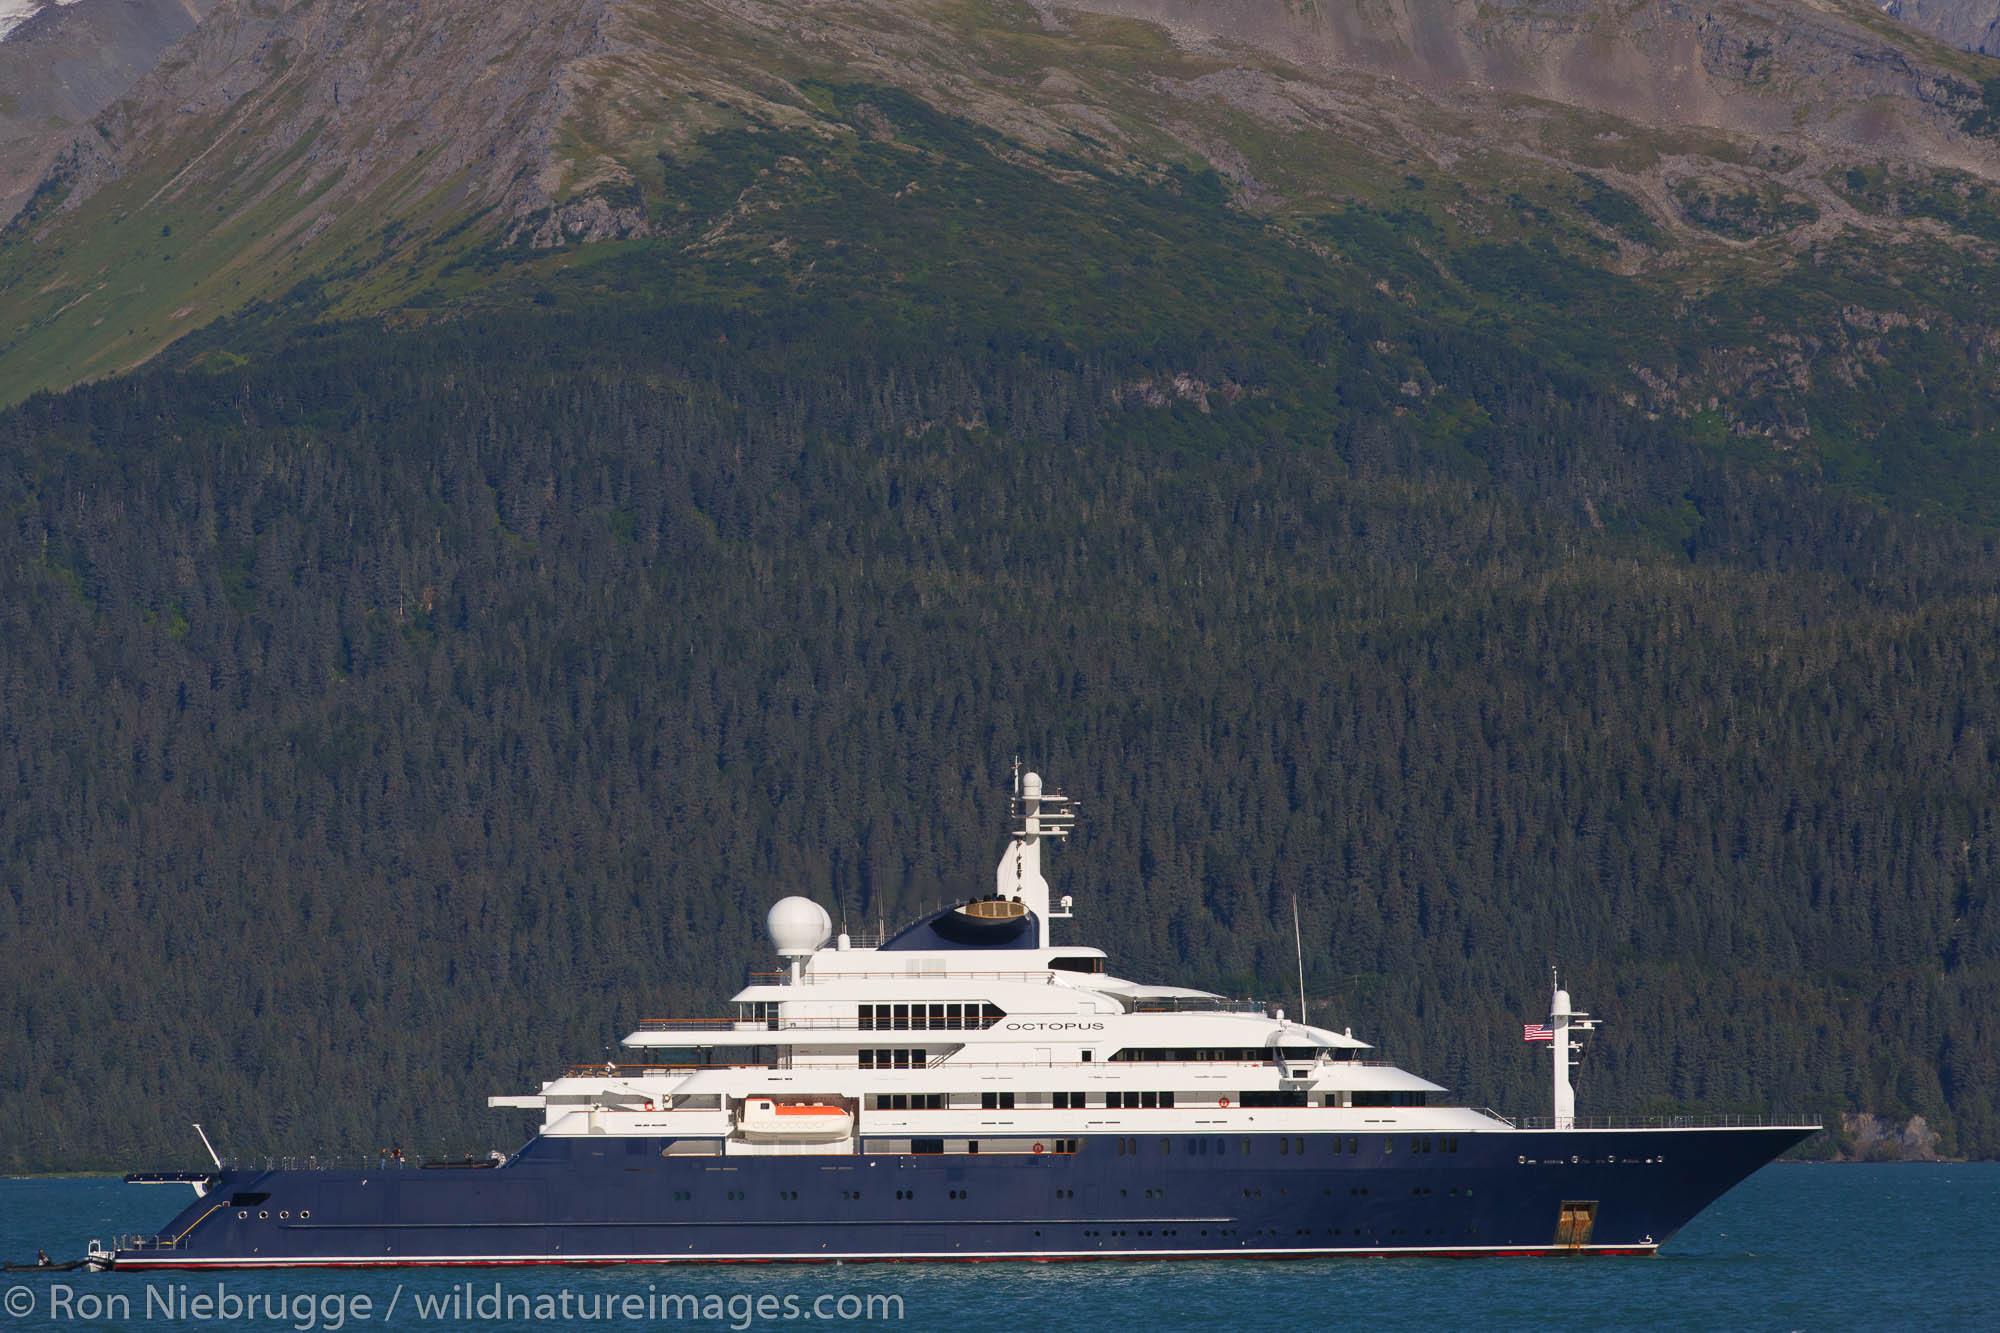 The yacht Octopus owned by Paul Allen, in Resurrection Bay, Seward, Alaska.